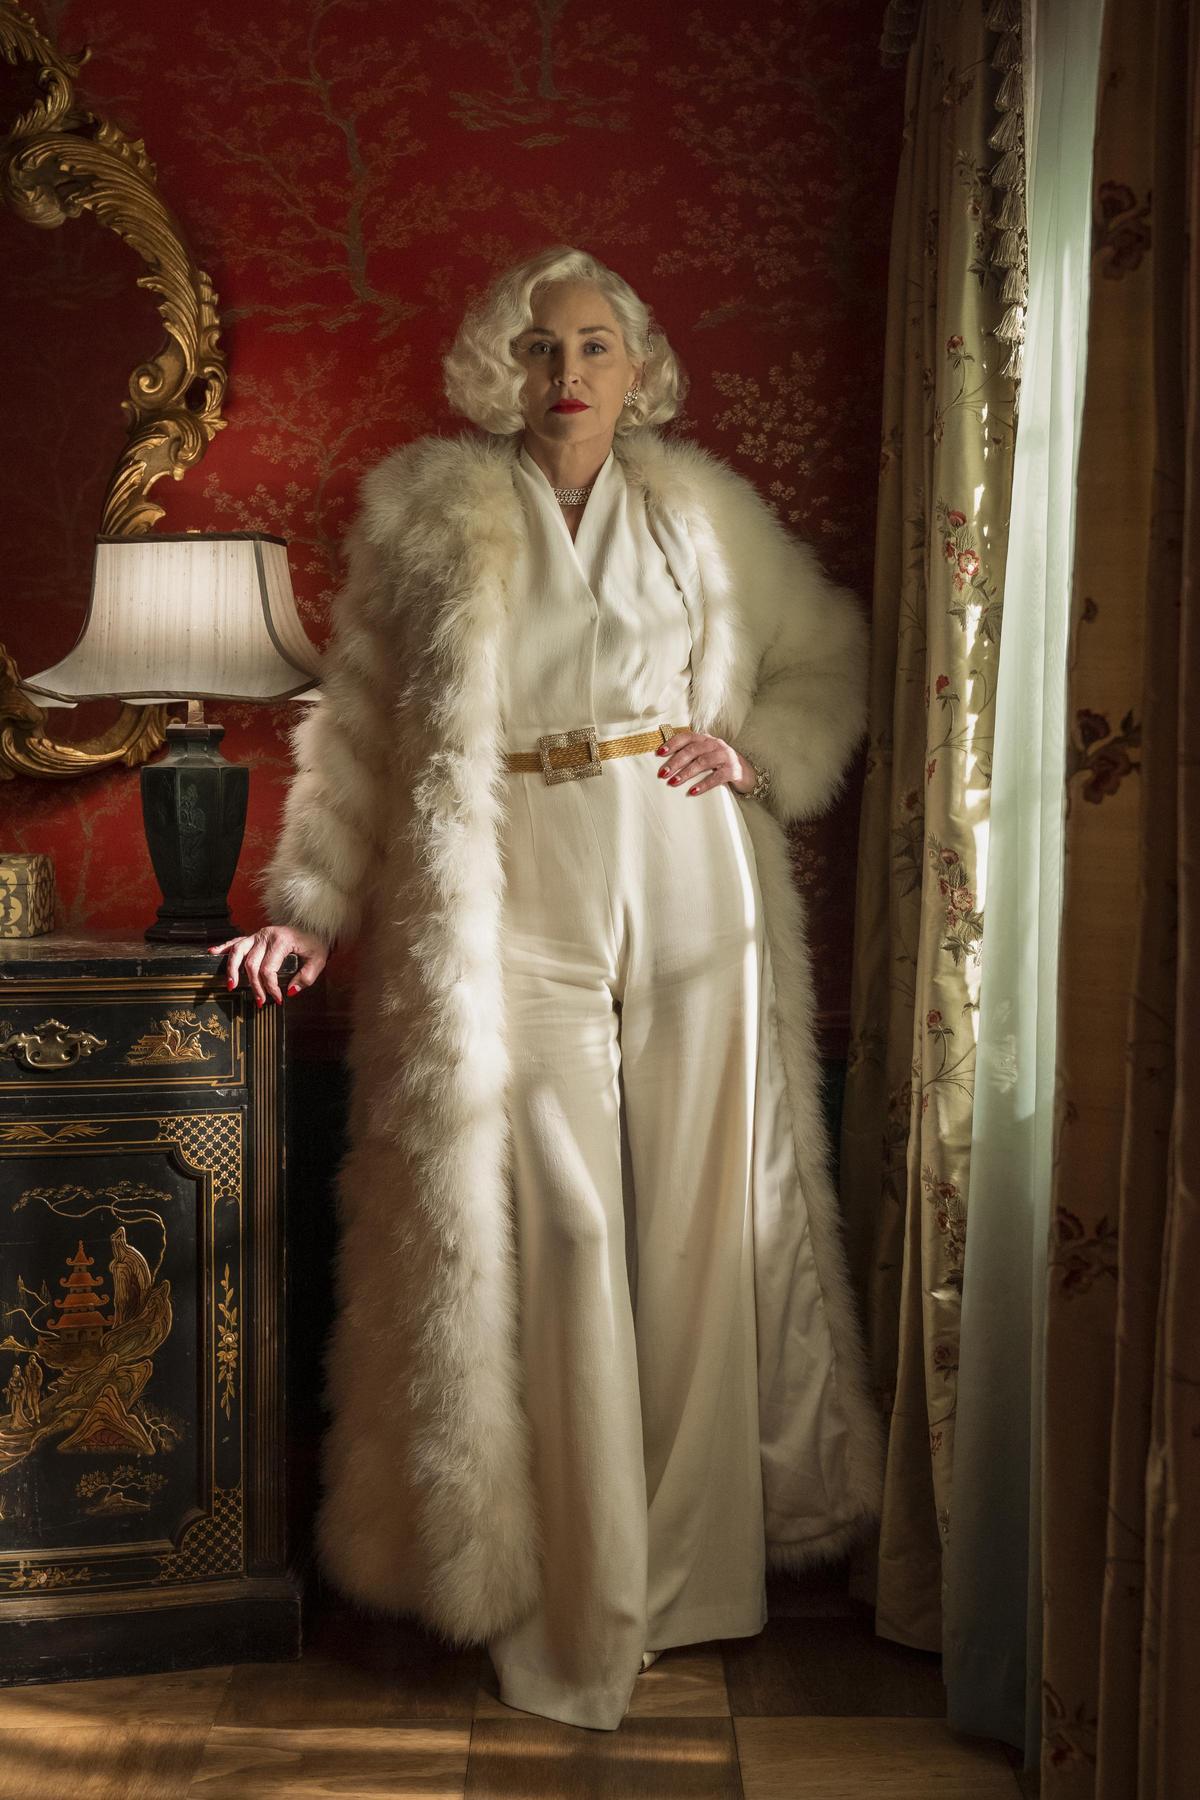 很久不見的莎朗史東飾演神祕的富婆,各種燒錢行徑都是她的日常,卻對院長漢諾瓦醫生痛下毒手、窮追不捨。(Netflix提供)